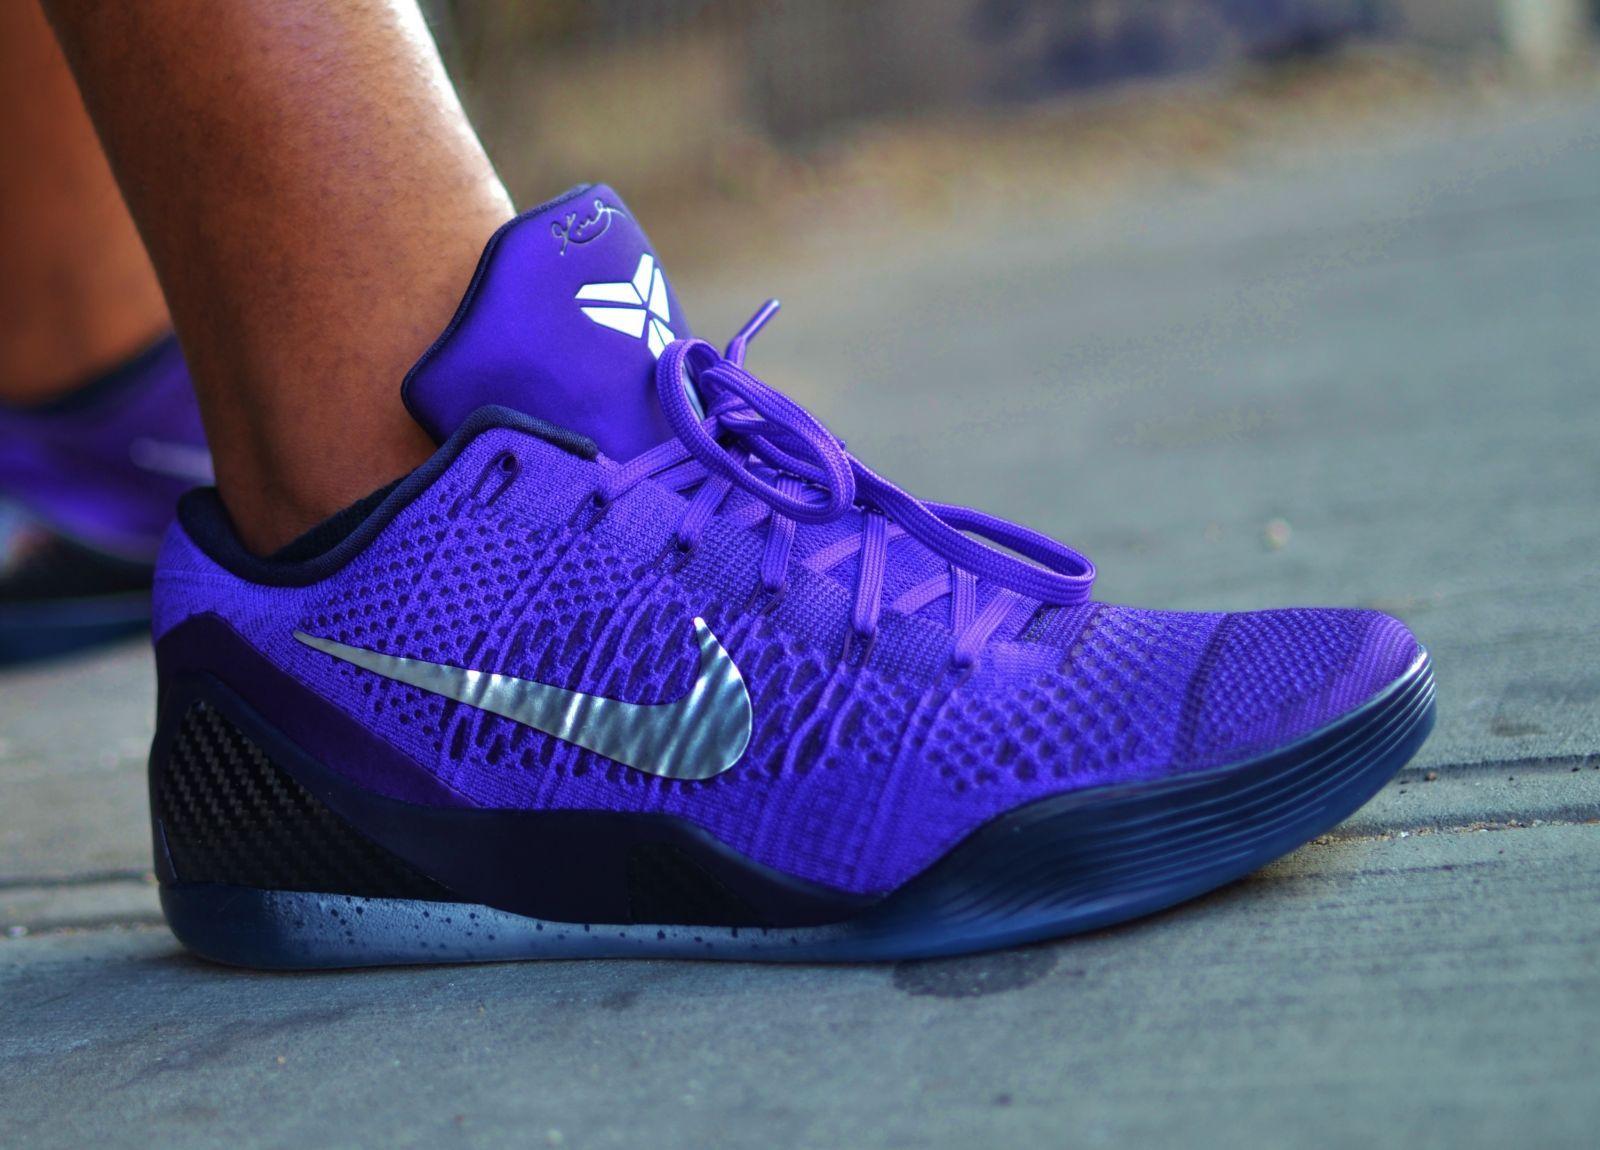 42a56d989abd Nike Kobe 9 Elite Low